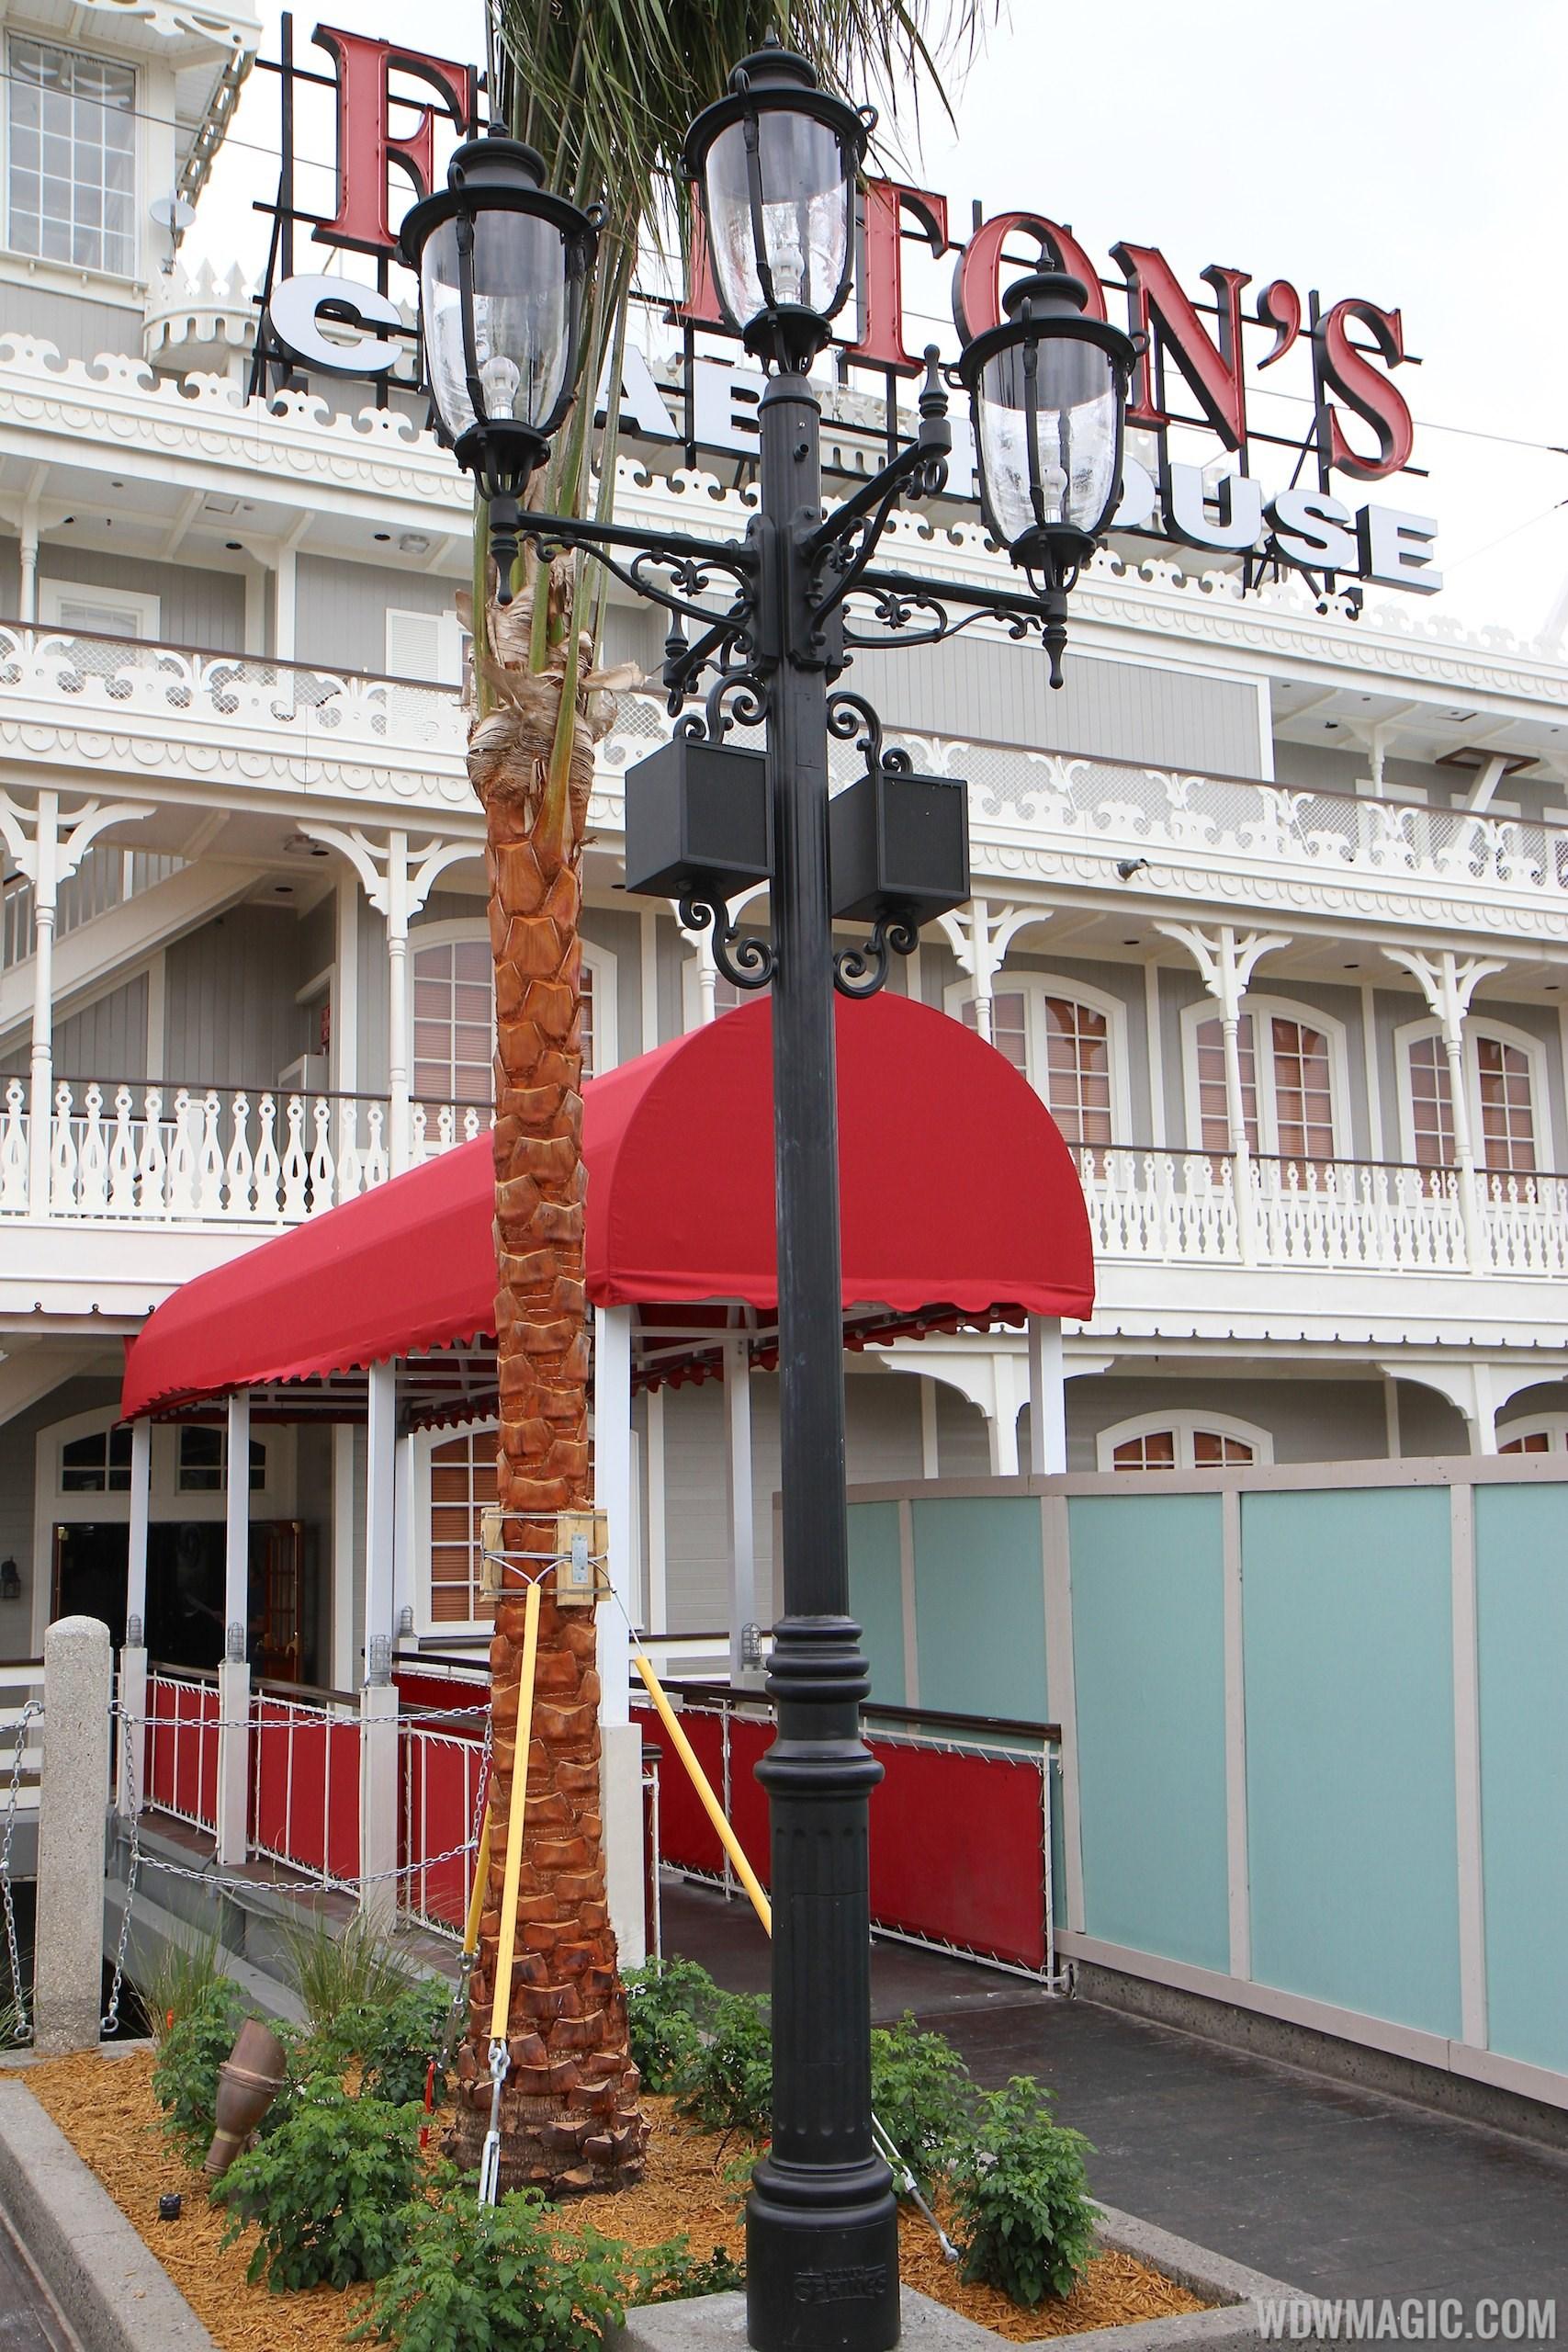 Disney Springs sidewalk details